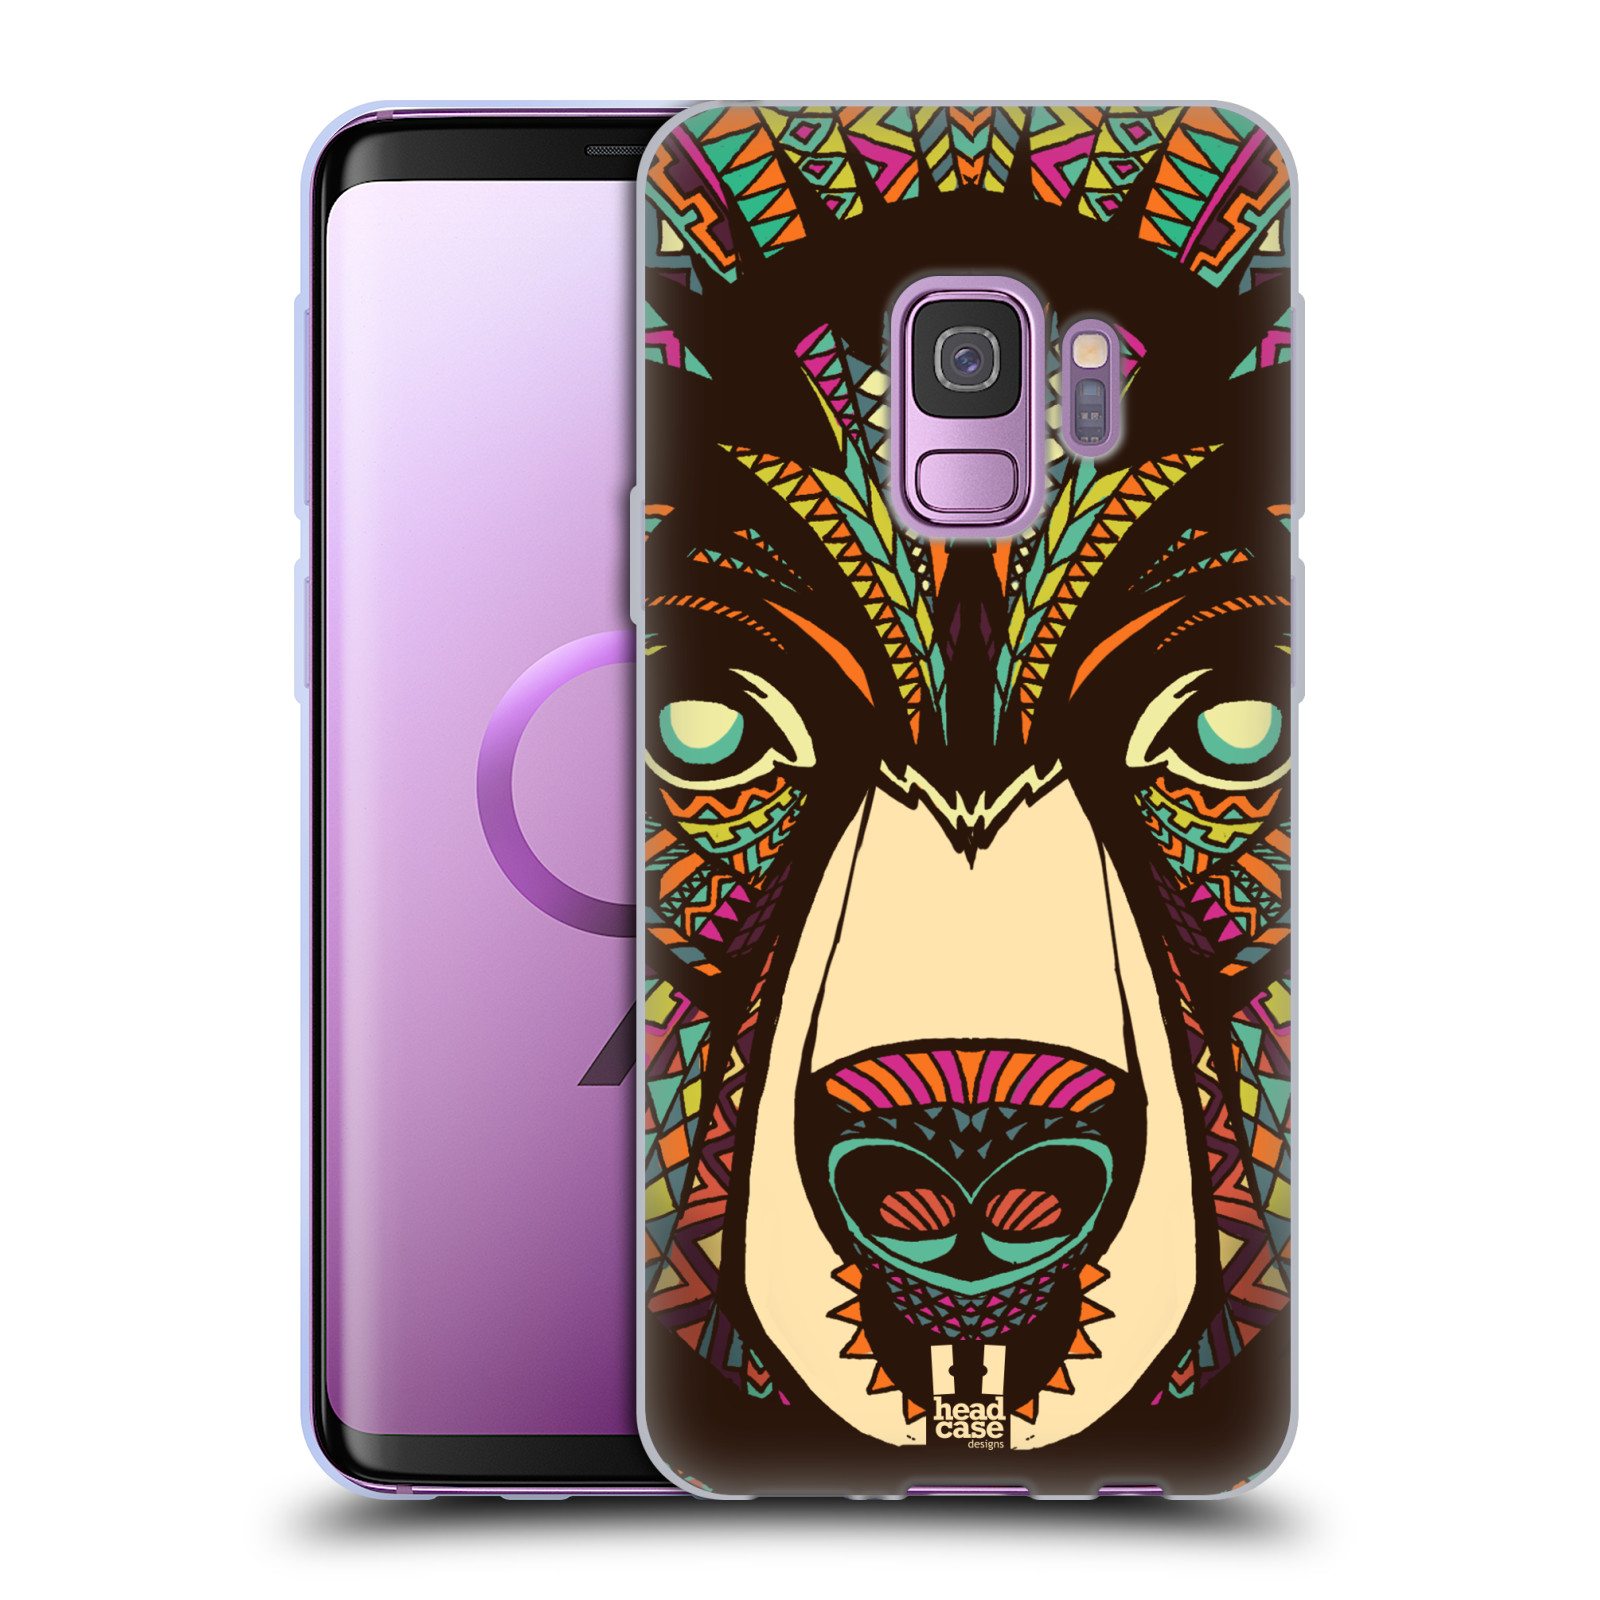 Silikonové pouzdro na mobil Samsung Galaxy S9 - Head Case - AZTEC MEDVĚD